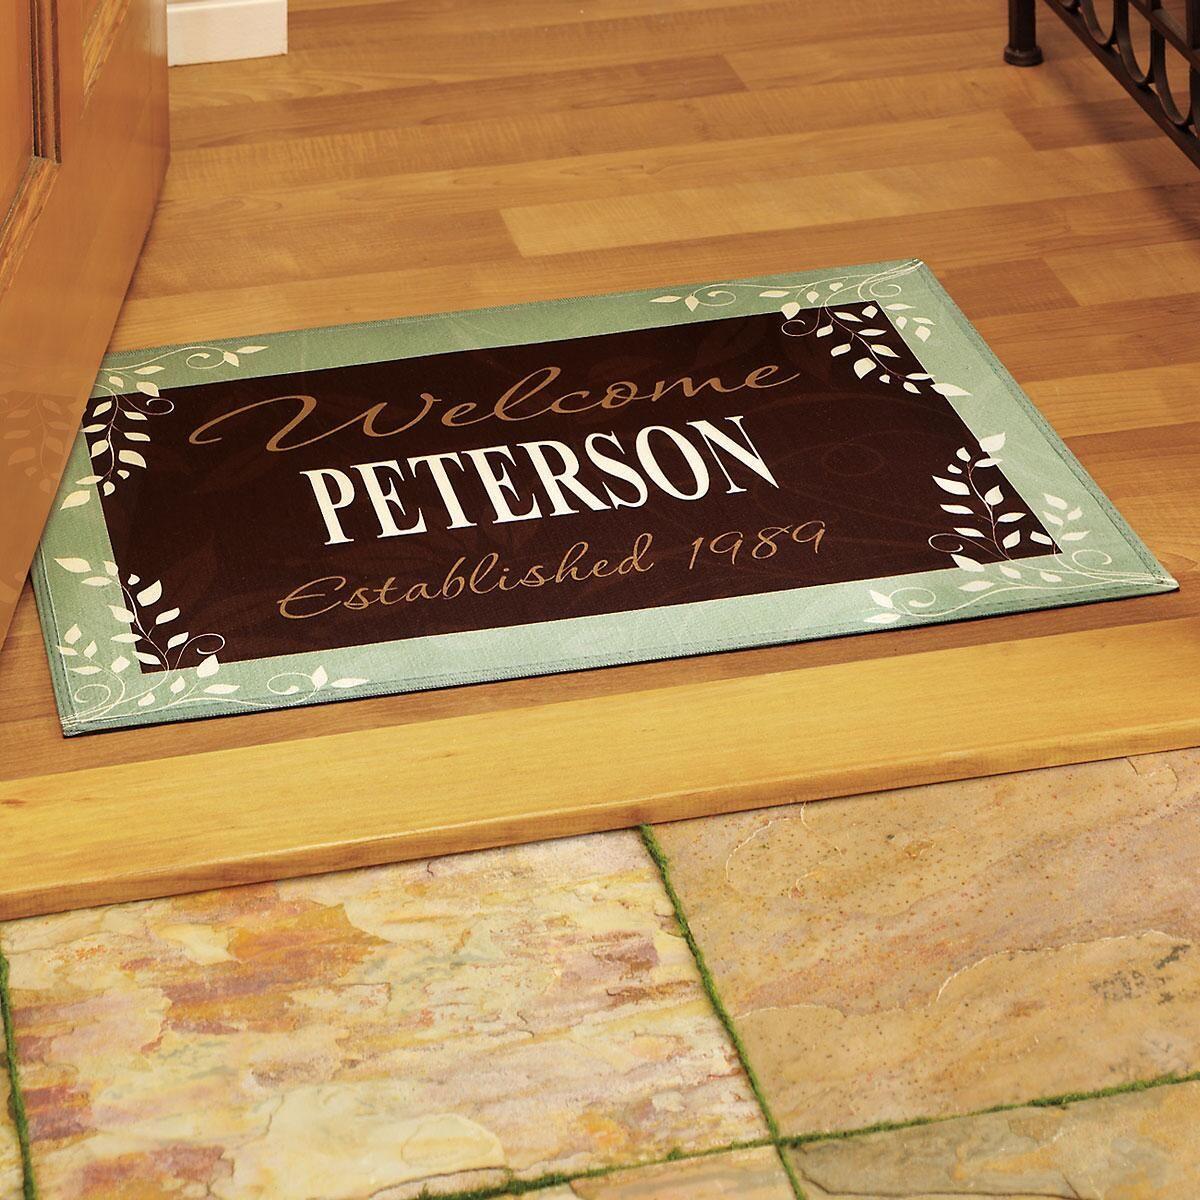 Established in... Floor Mat